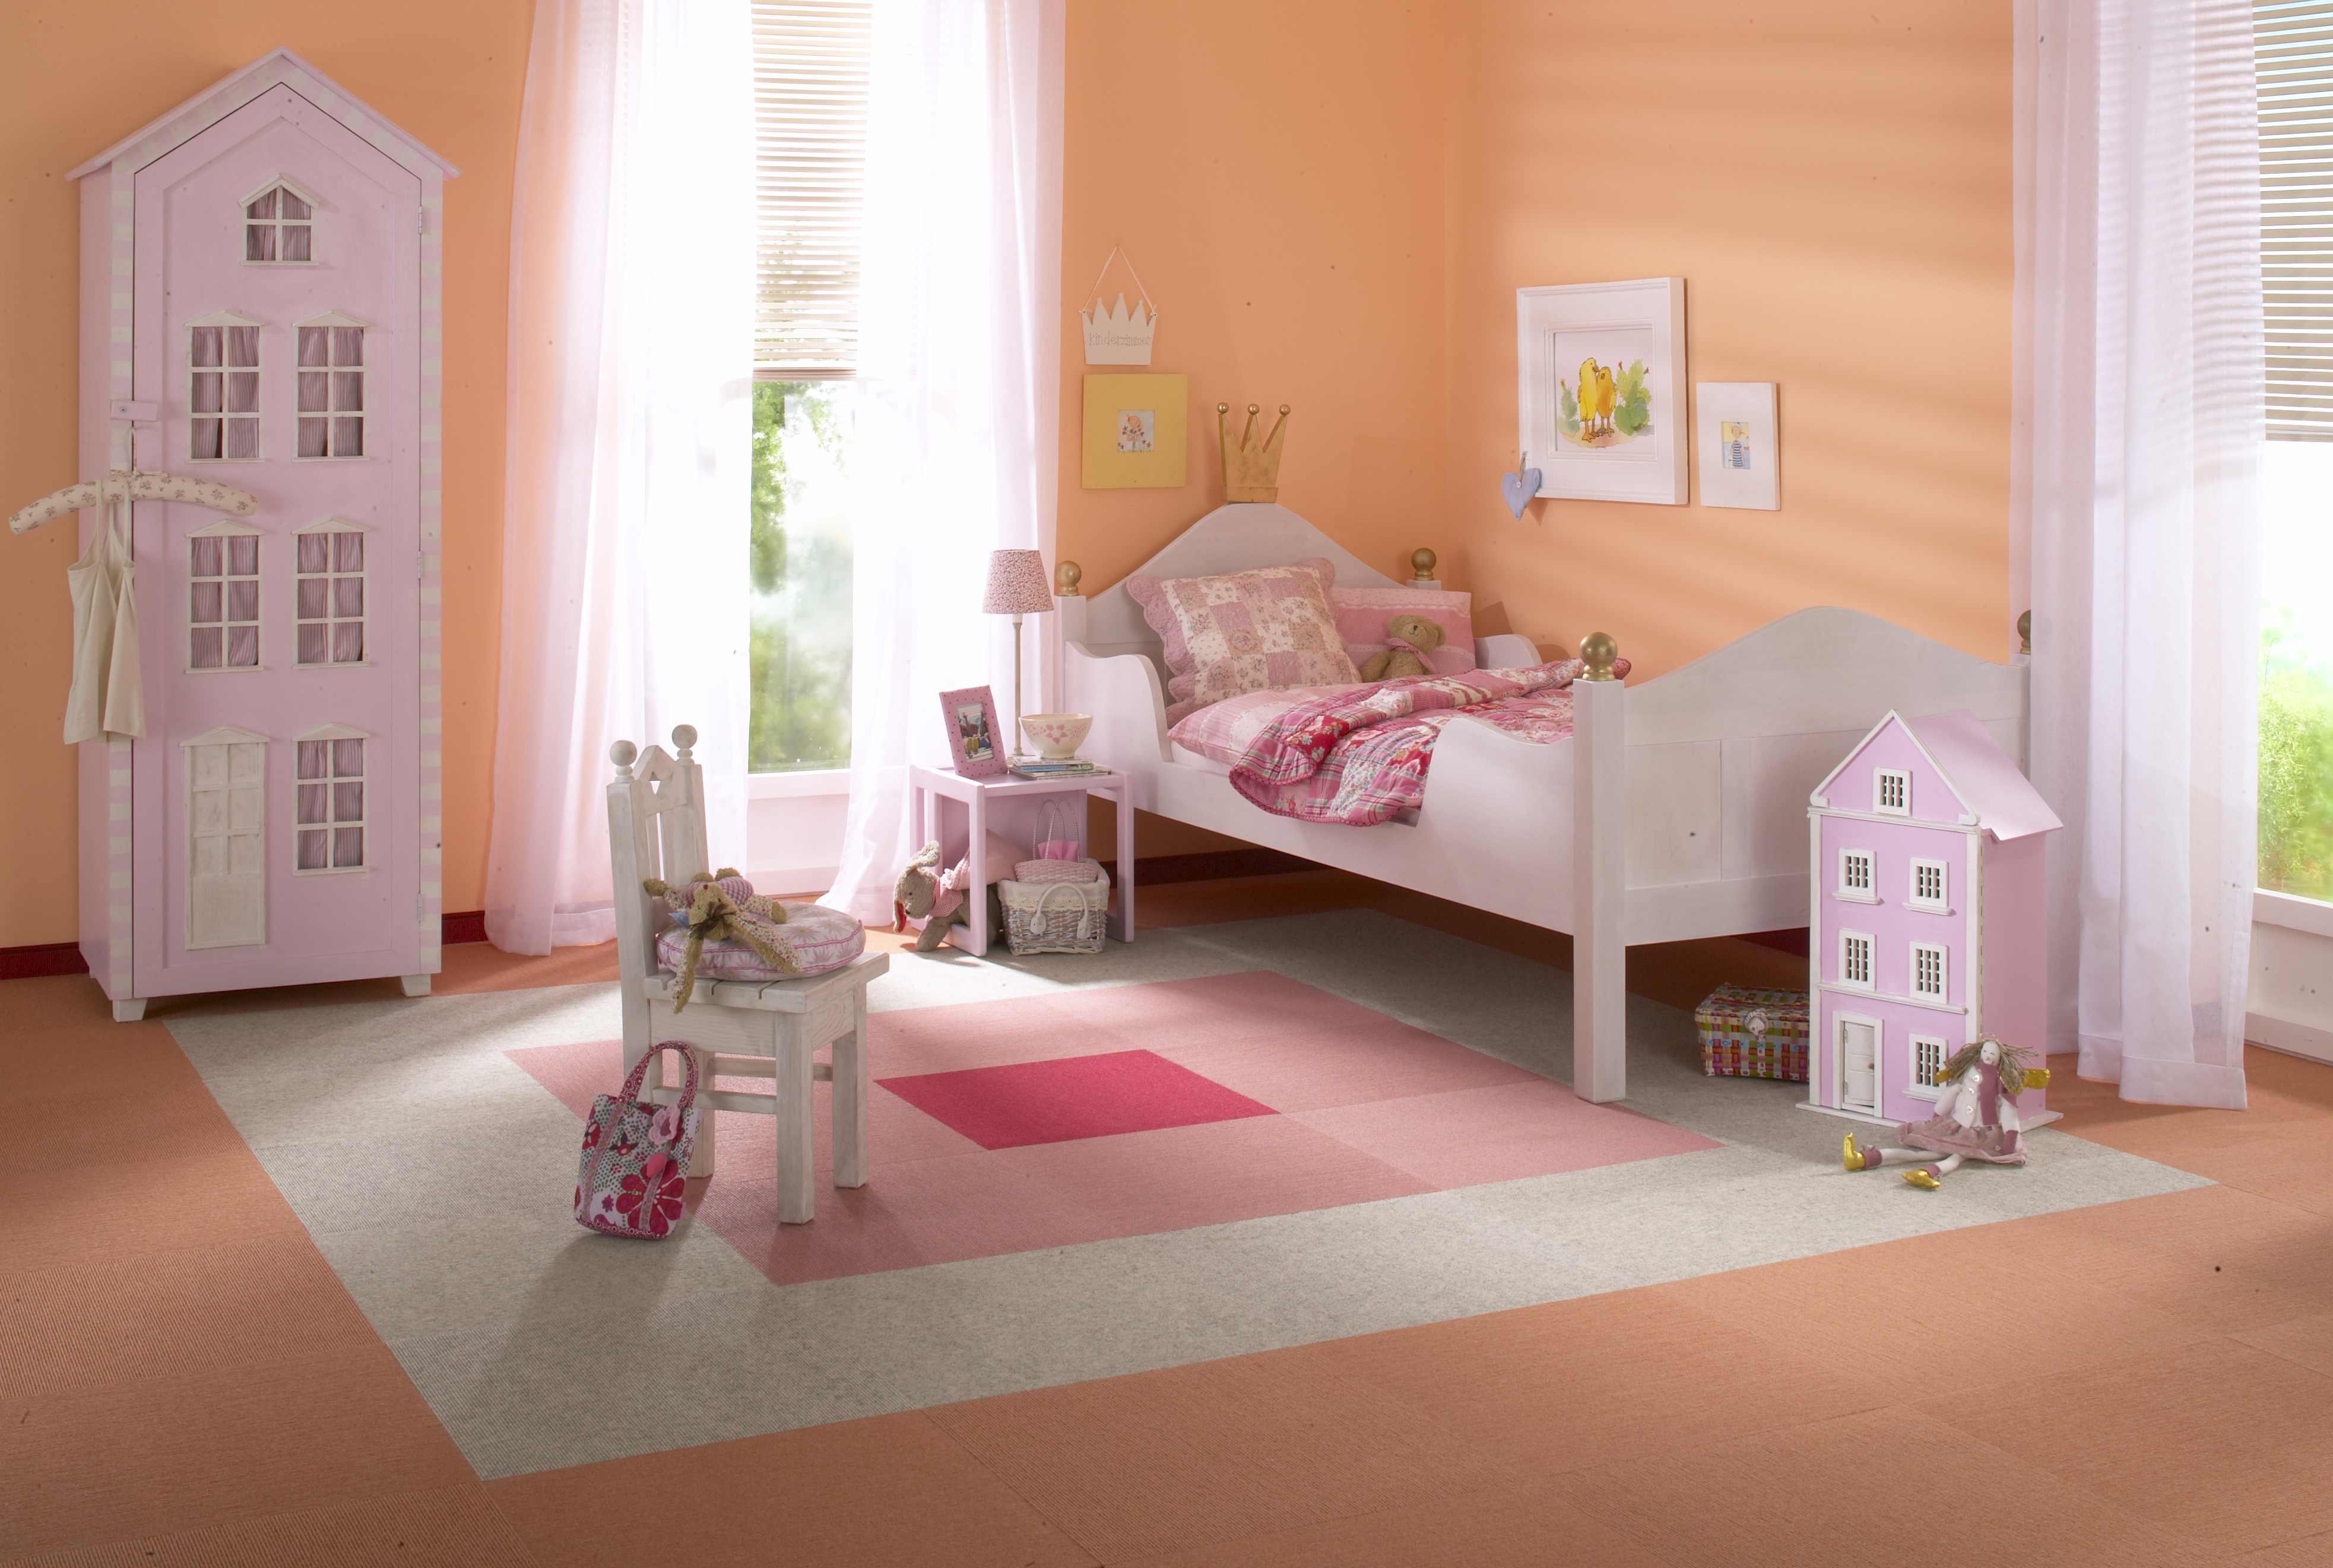 tretford-Interland und Kinderzimmer - eine ideale Kombination ...